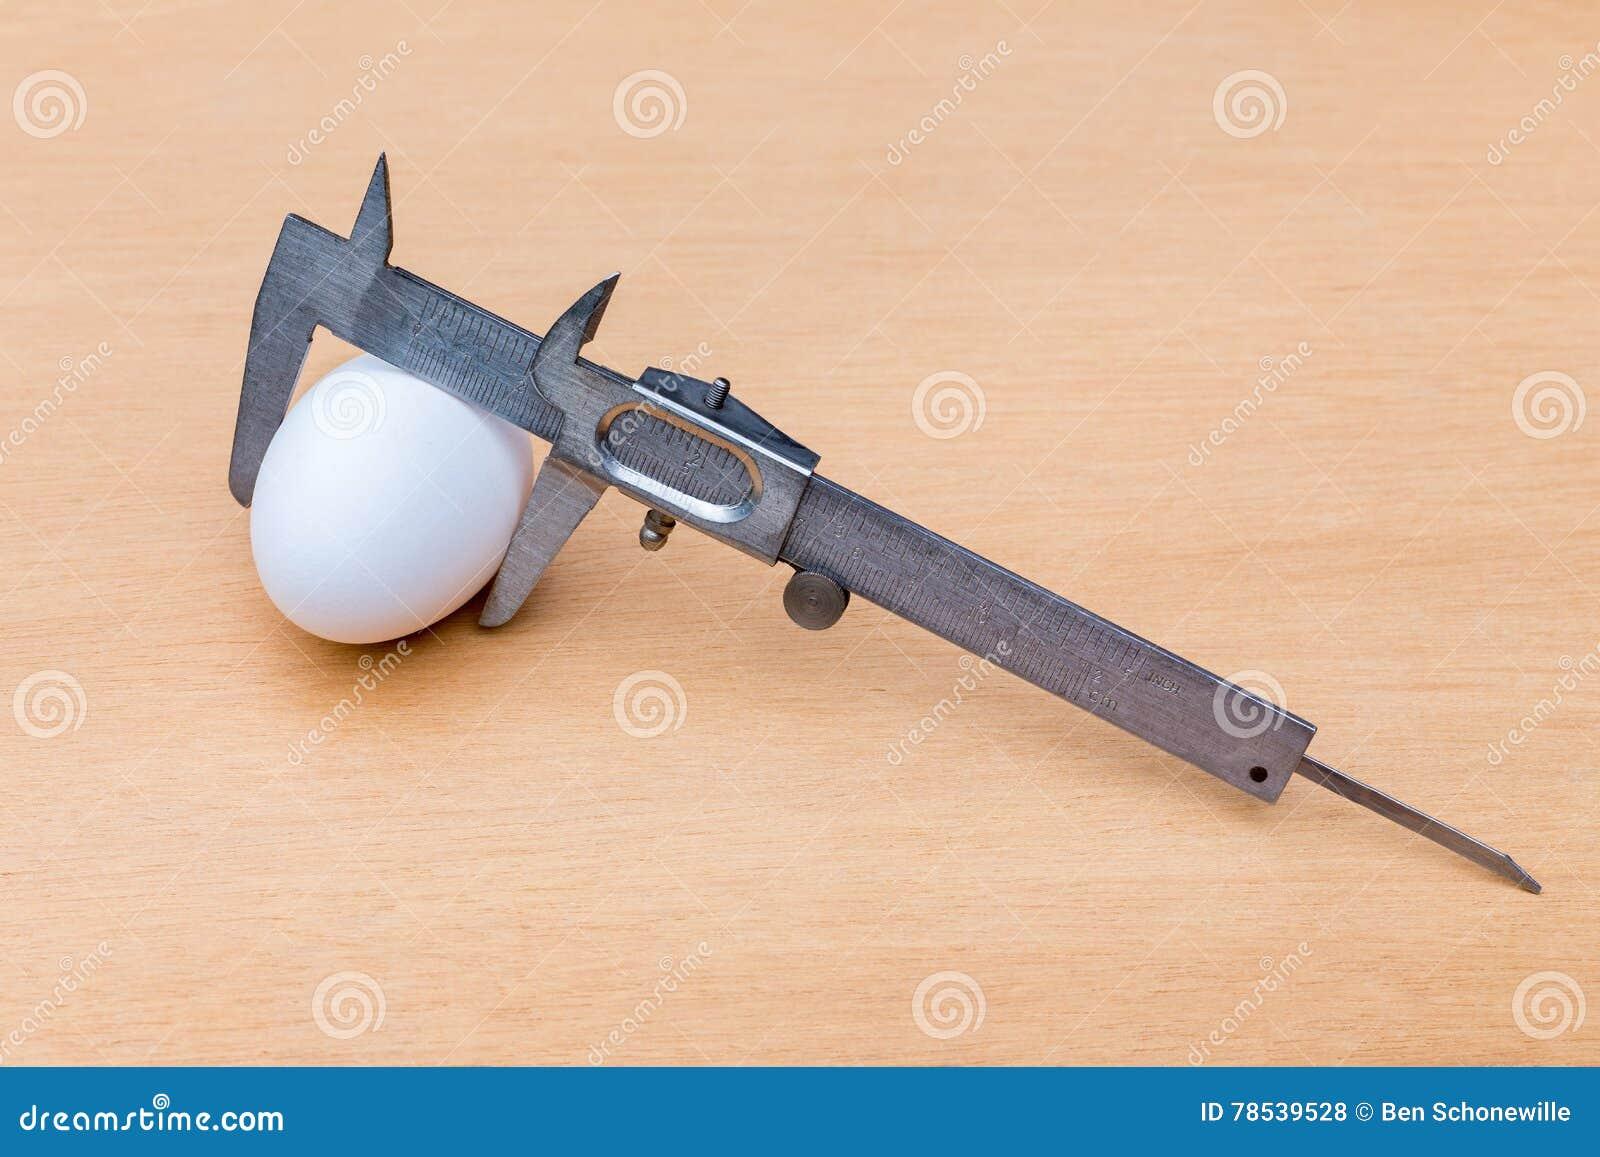 Ovo branco de medição da galinha do compasso de calibre vernier